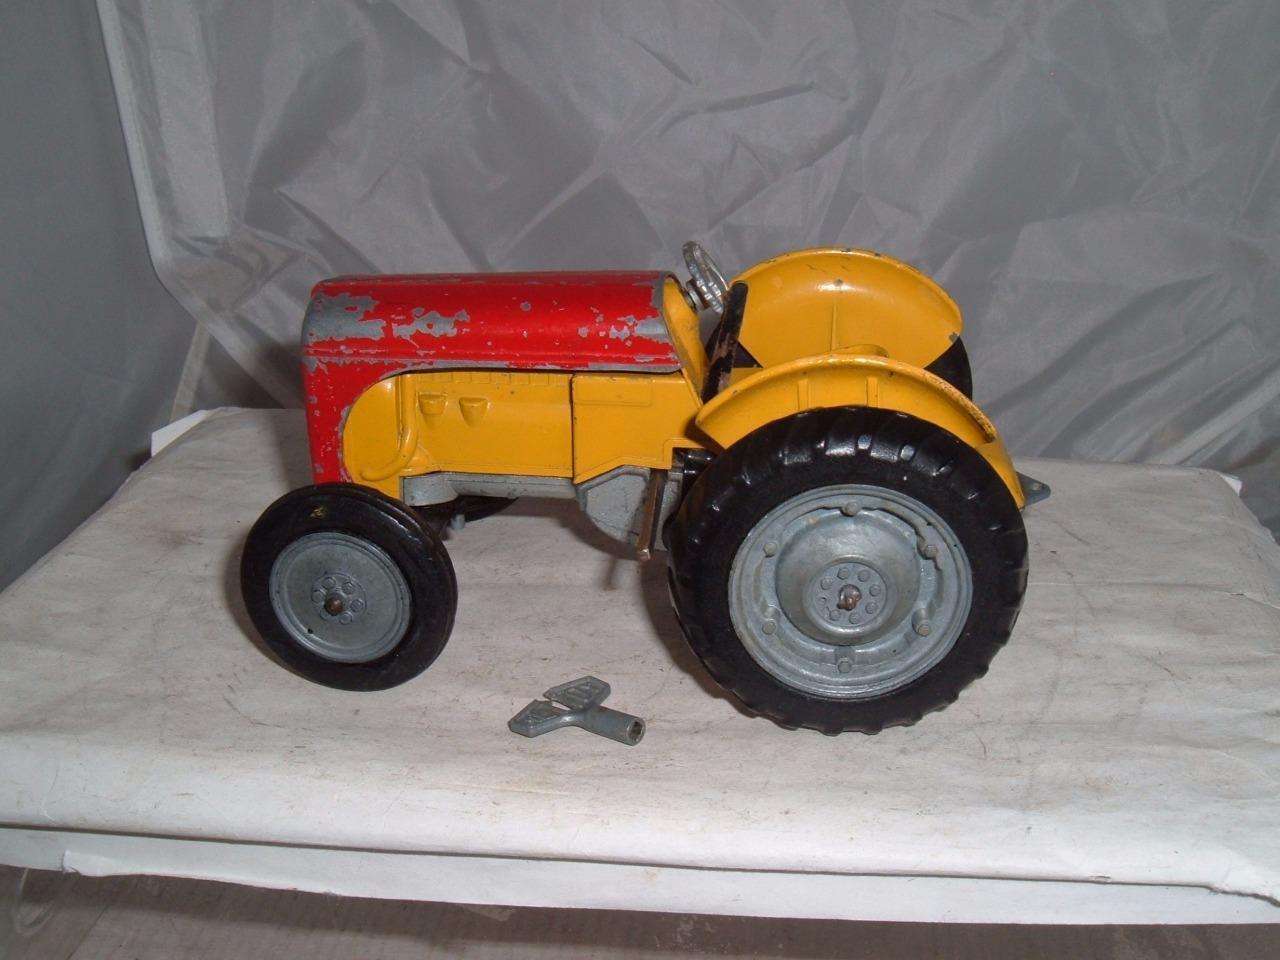 Mettoy castoy Massey Ferguson Tractor de mecanismo de relojería trabajar con llave Vintage